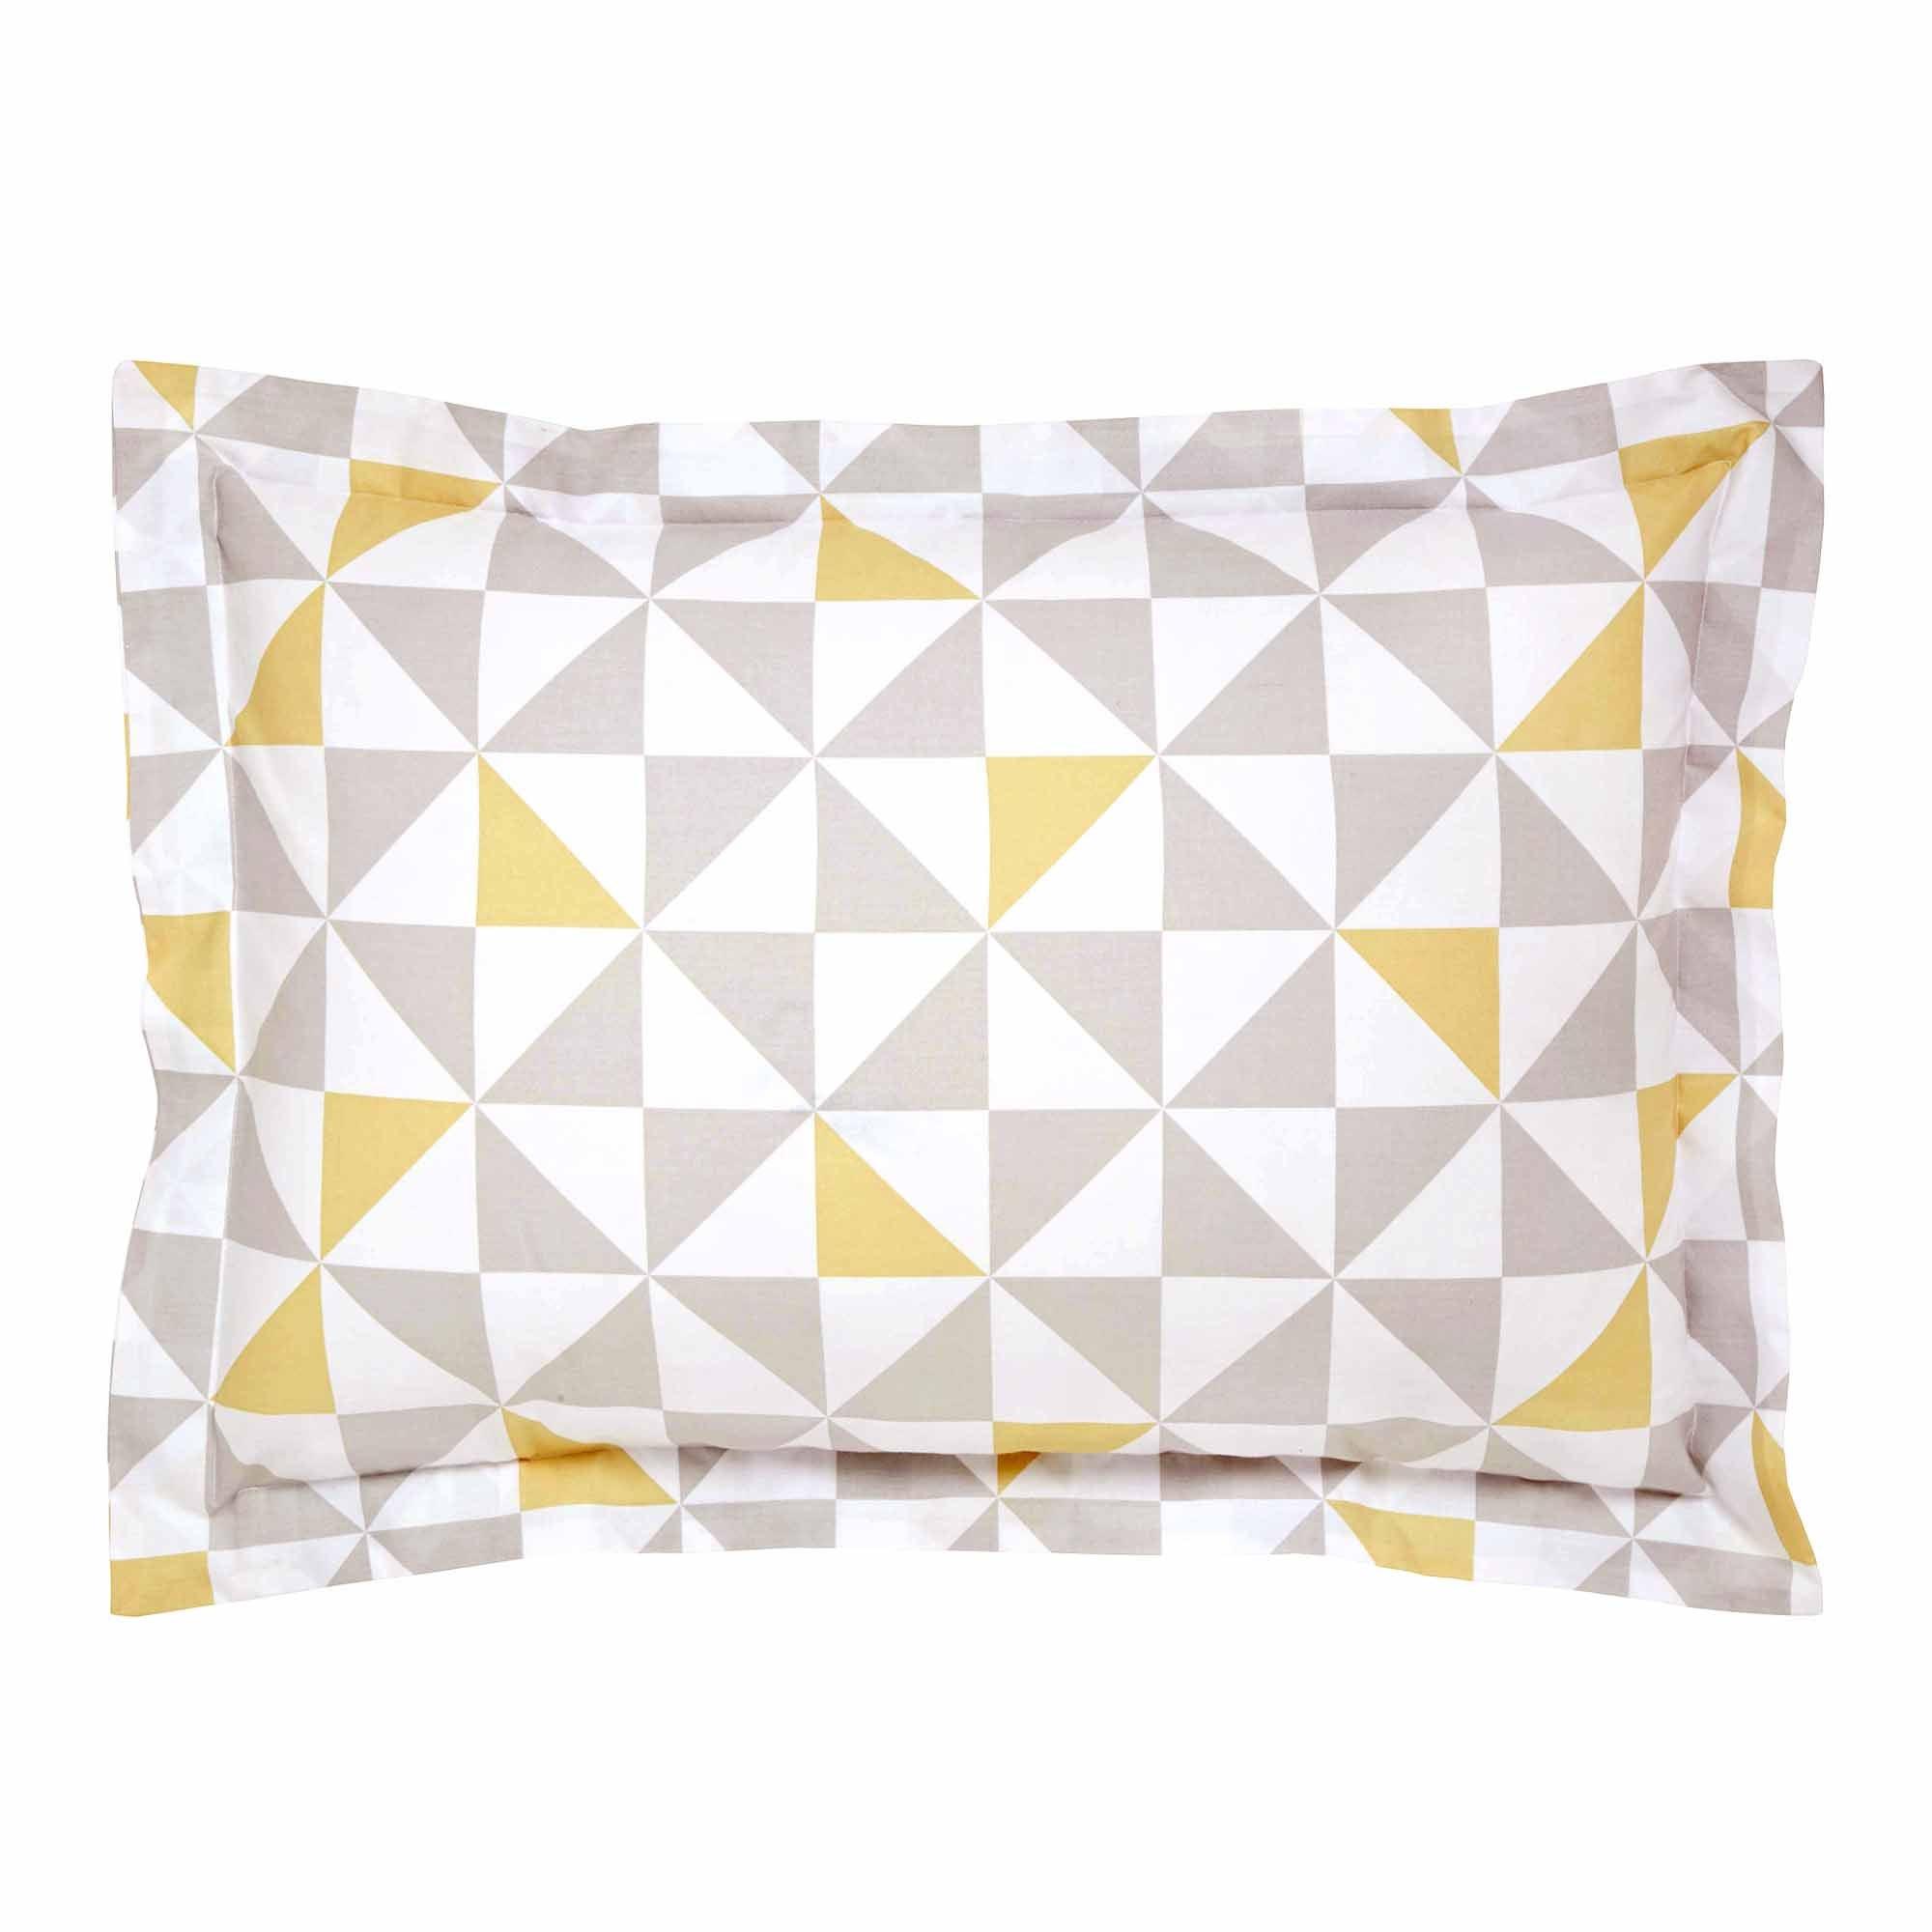 Image of Skandi Geometric Yellow Oxford Pillowcase Yellow